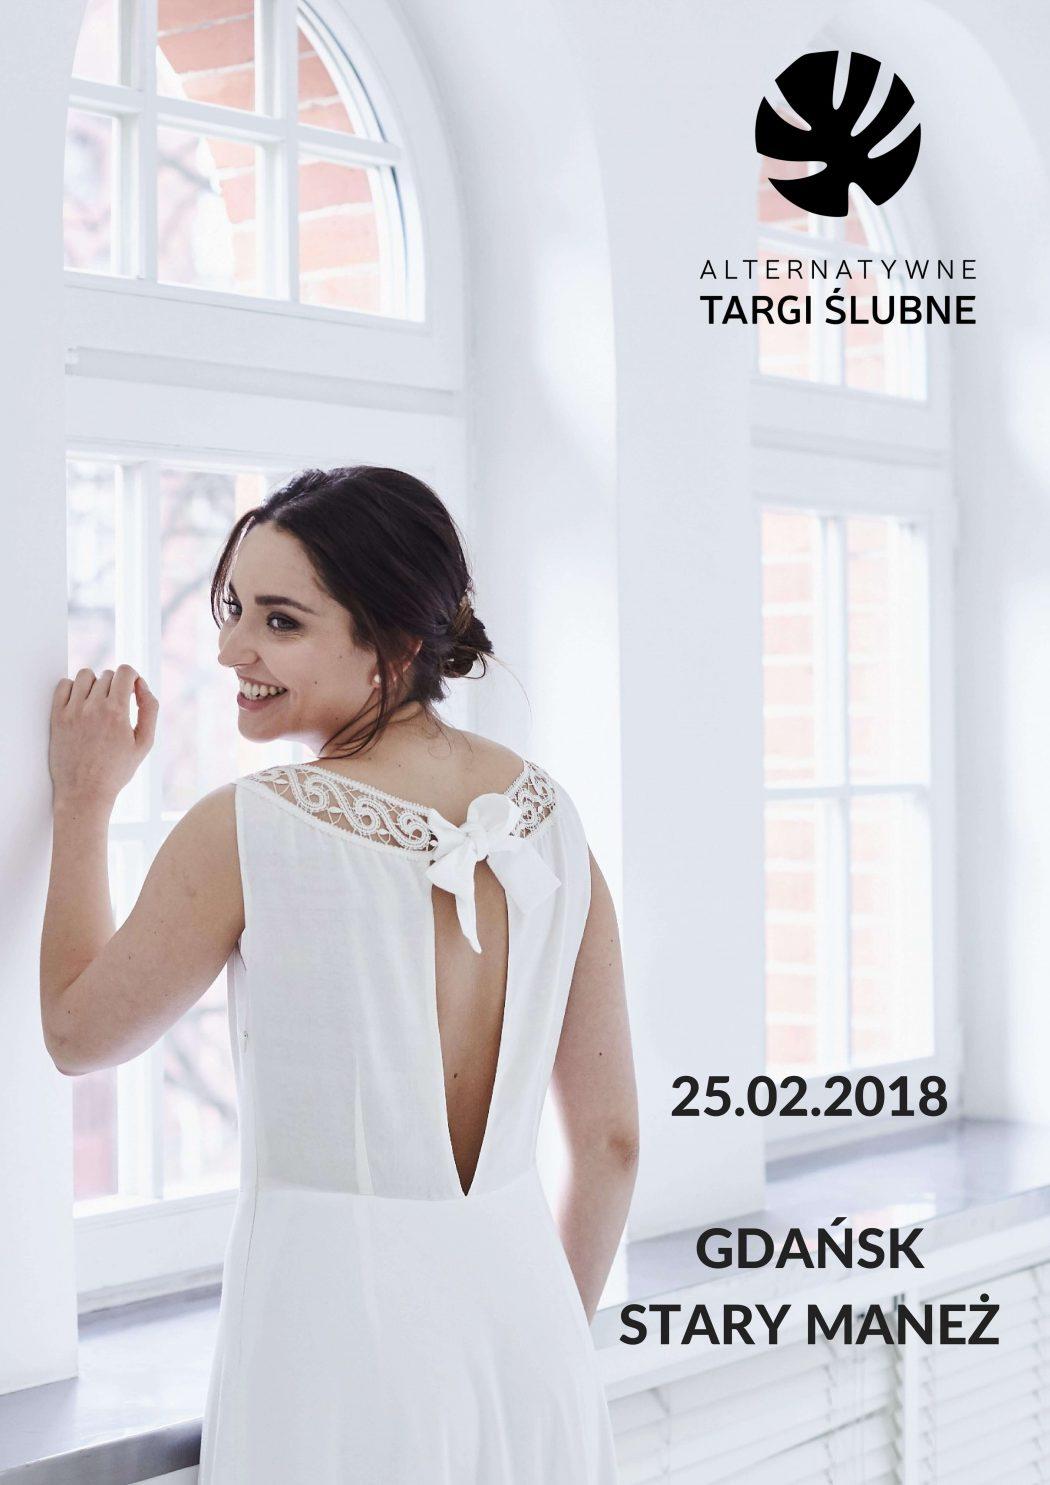 magazynkobiet.pl - Alternatywne targi ślubne 1050x1485 - V Edycja Alternatywnych Targów Ślubnych